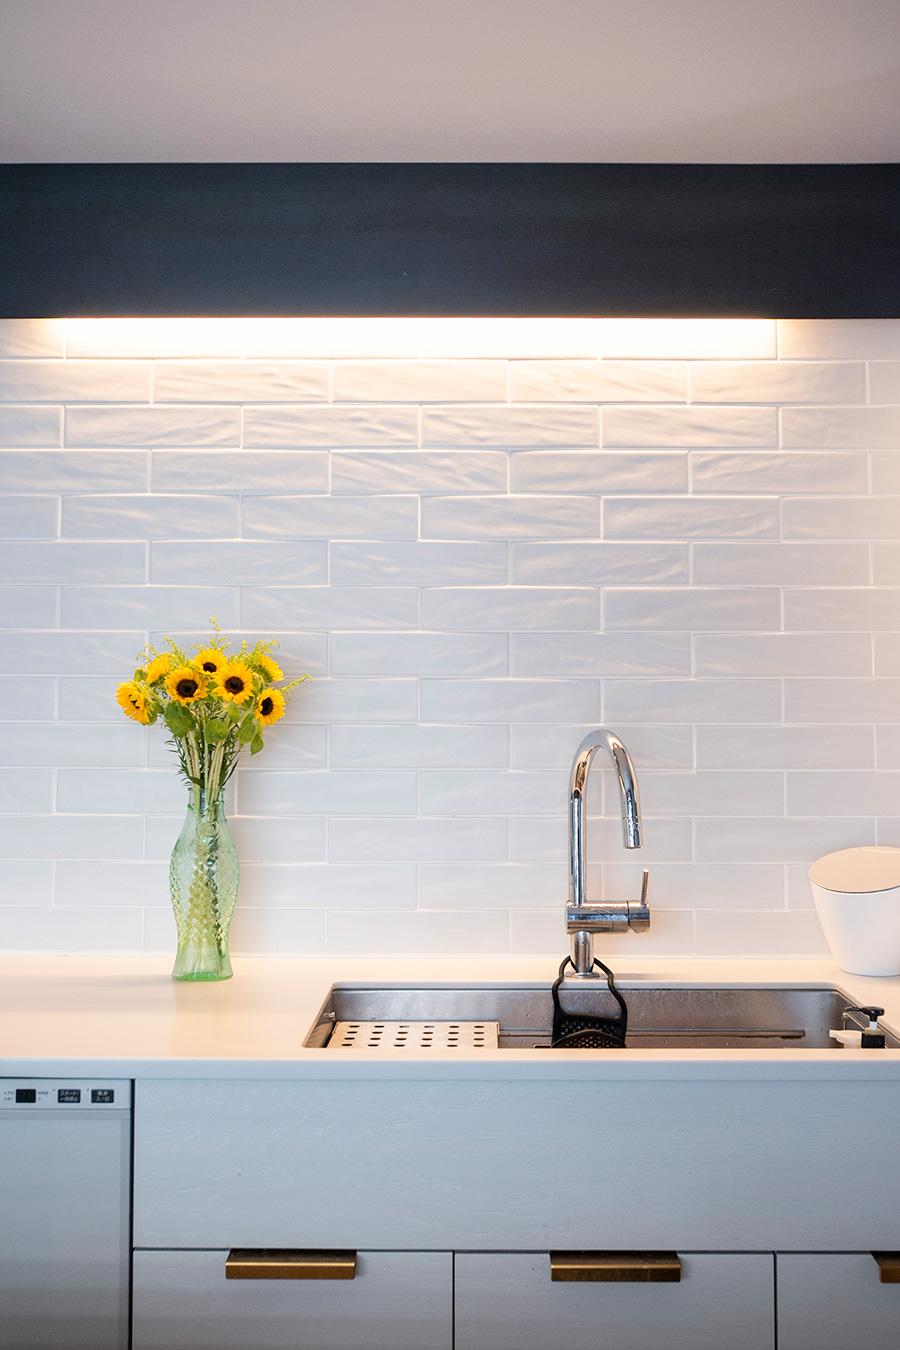 凹凸があり掃除がしやすいタイルをセレクト。鉄板の後側に間接照明をつけている。